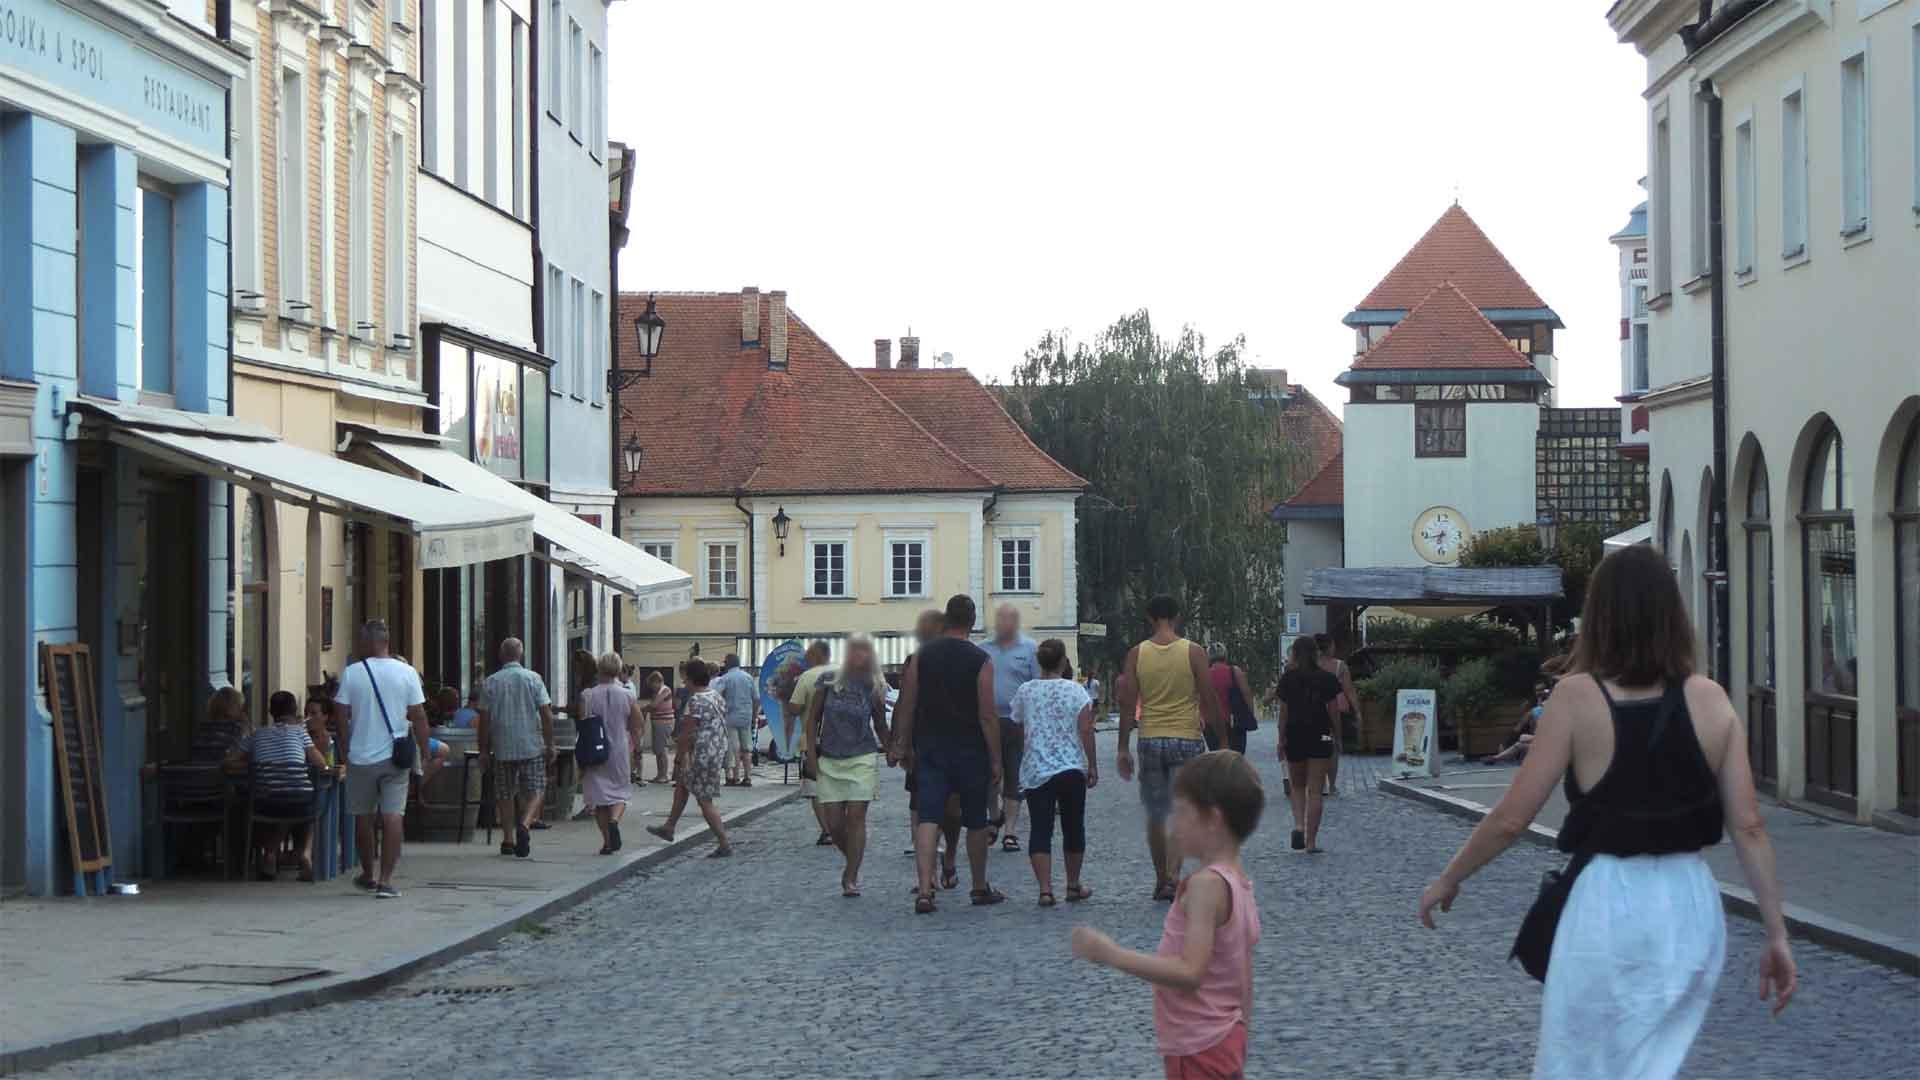 Další ulice v Mikulově - vidíte někde auta?